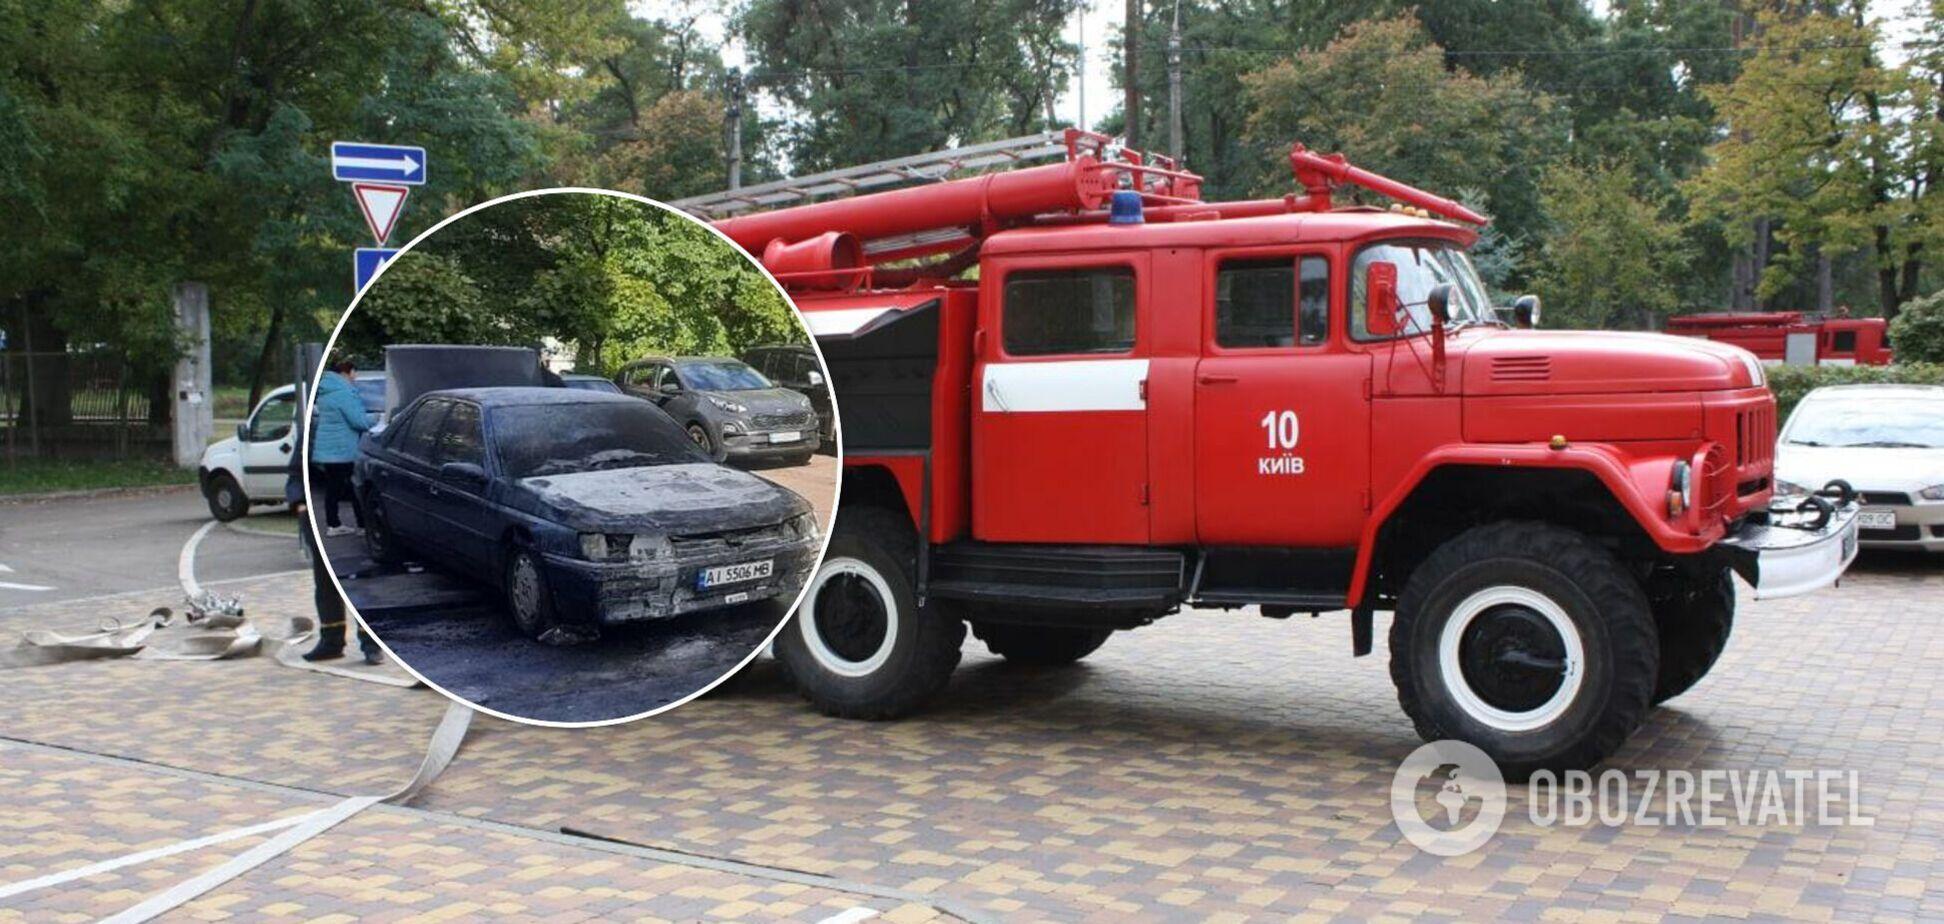 Чтобы потушить машину, понадобилась помощь спасателей